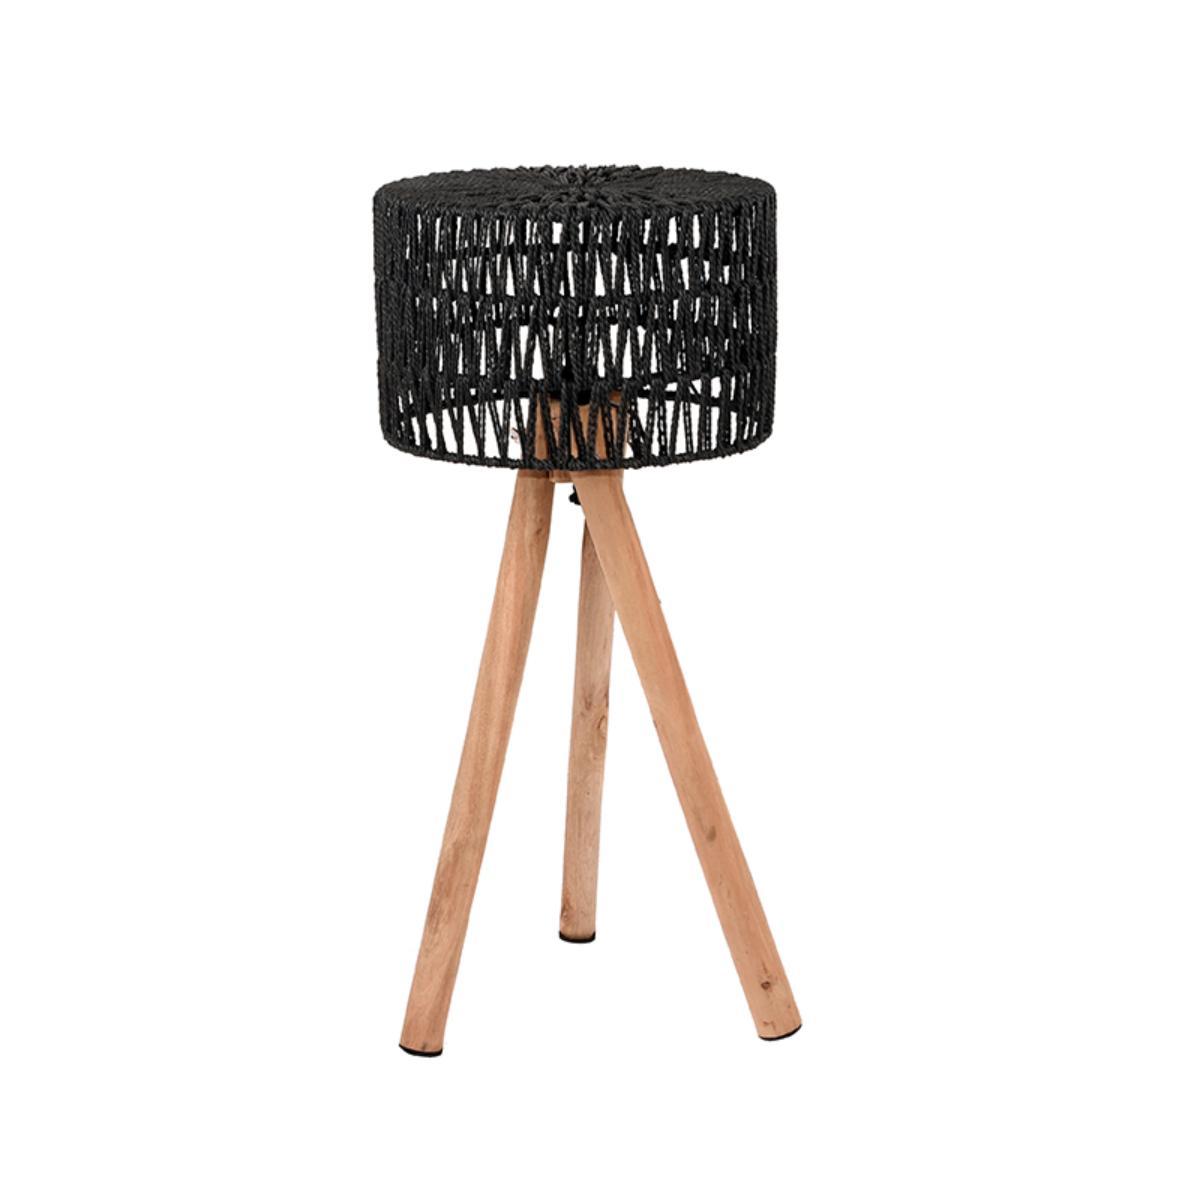 LABEL51 Tafellamp Stripe - Zwart - Mangohout